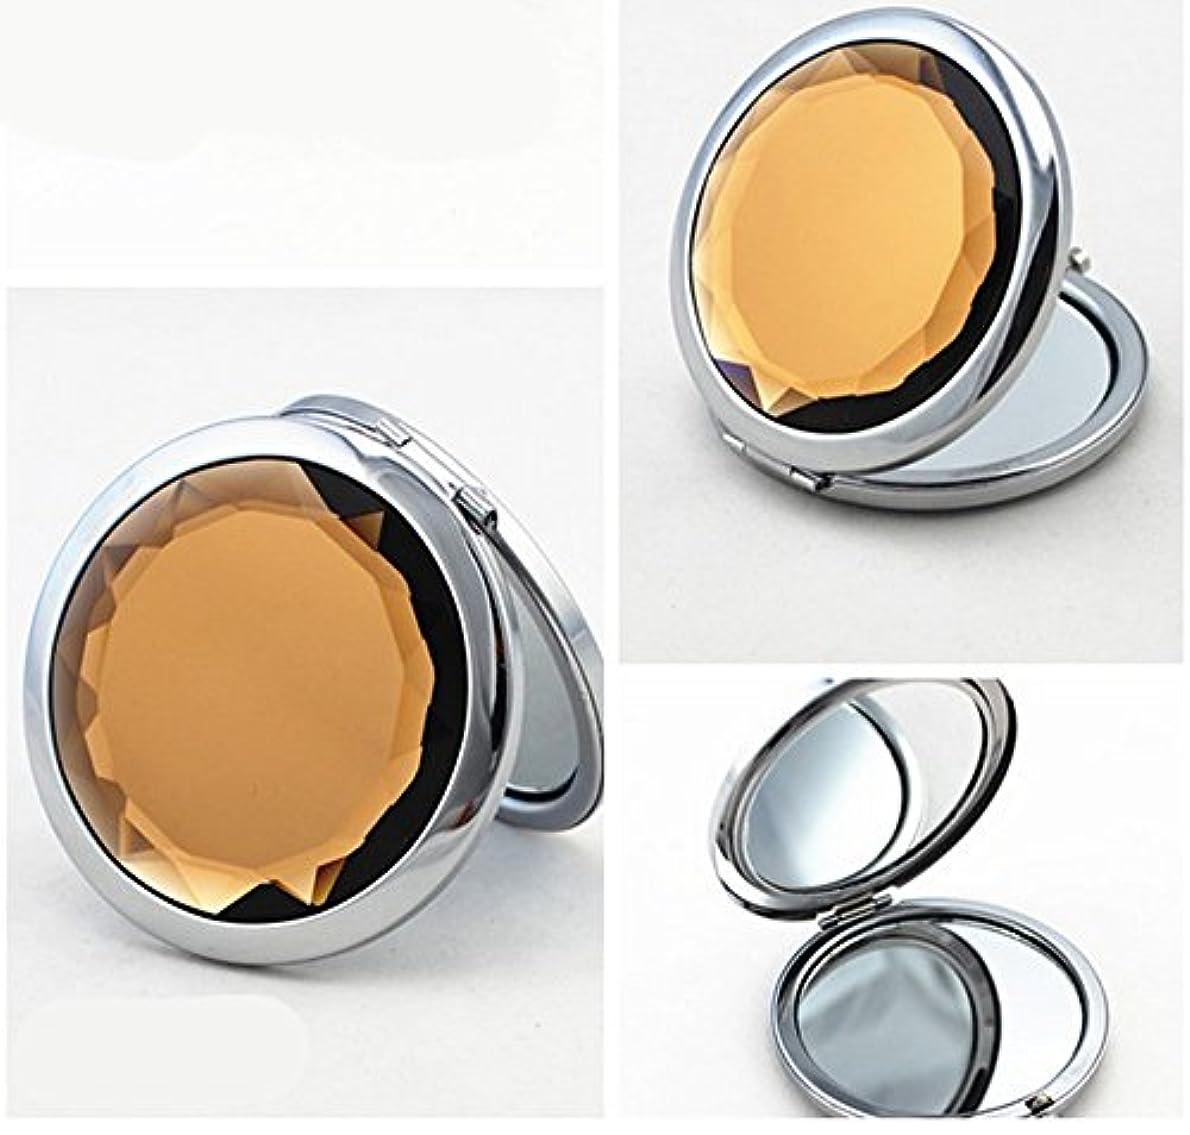 サーキットに行く十分です香ばしいSHINA 宝石飾りのコンパクトミラー クリスタル調化粧鏡拡大鏡付き 丸型の折りたたみ鏡 化粧箱入りミラー 手鏡 おしゃれの小物 (mirror-1-J)